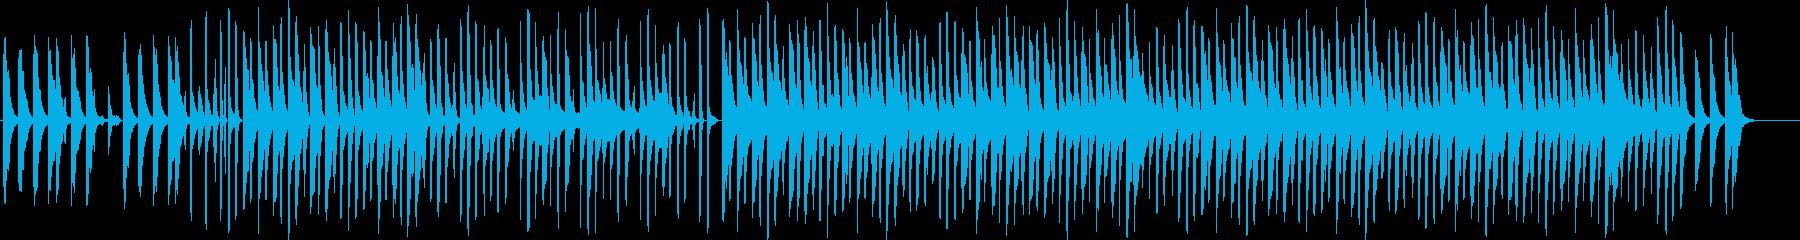 ほのぼの明るい、穏やかなBGMの再生済みの波形